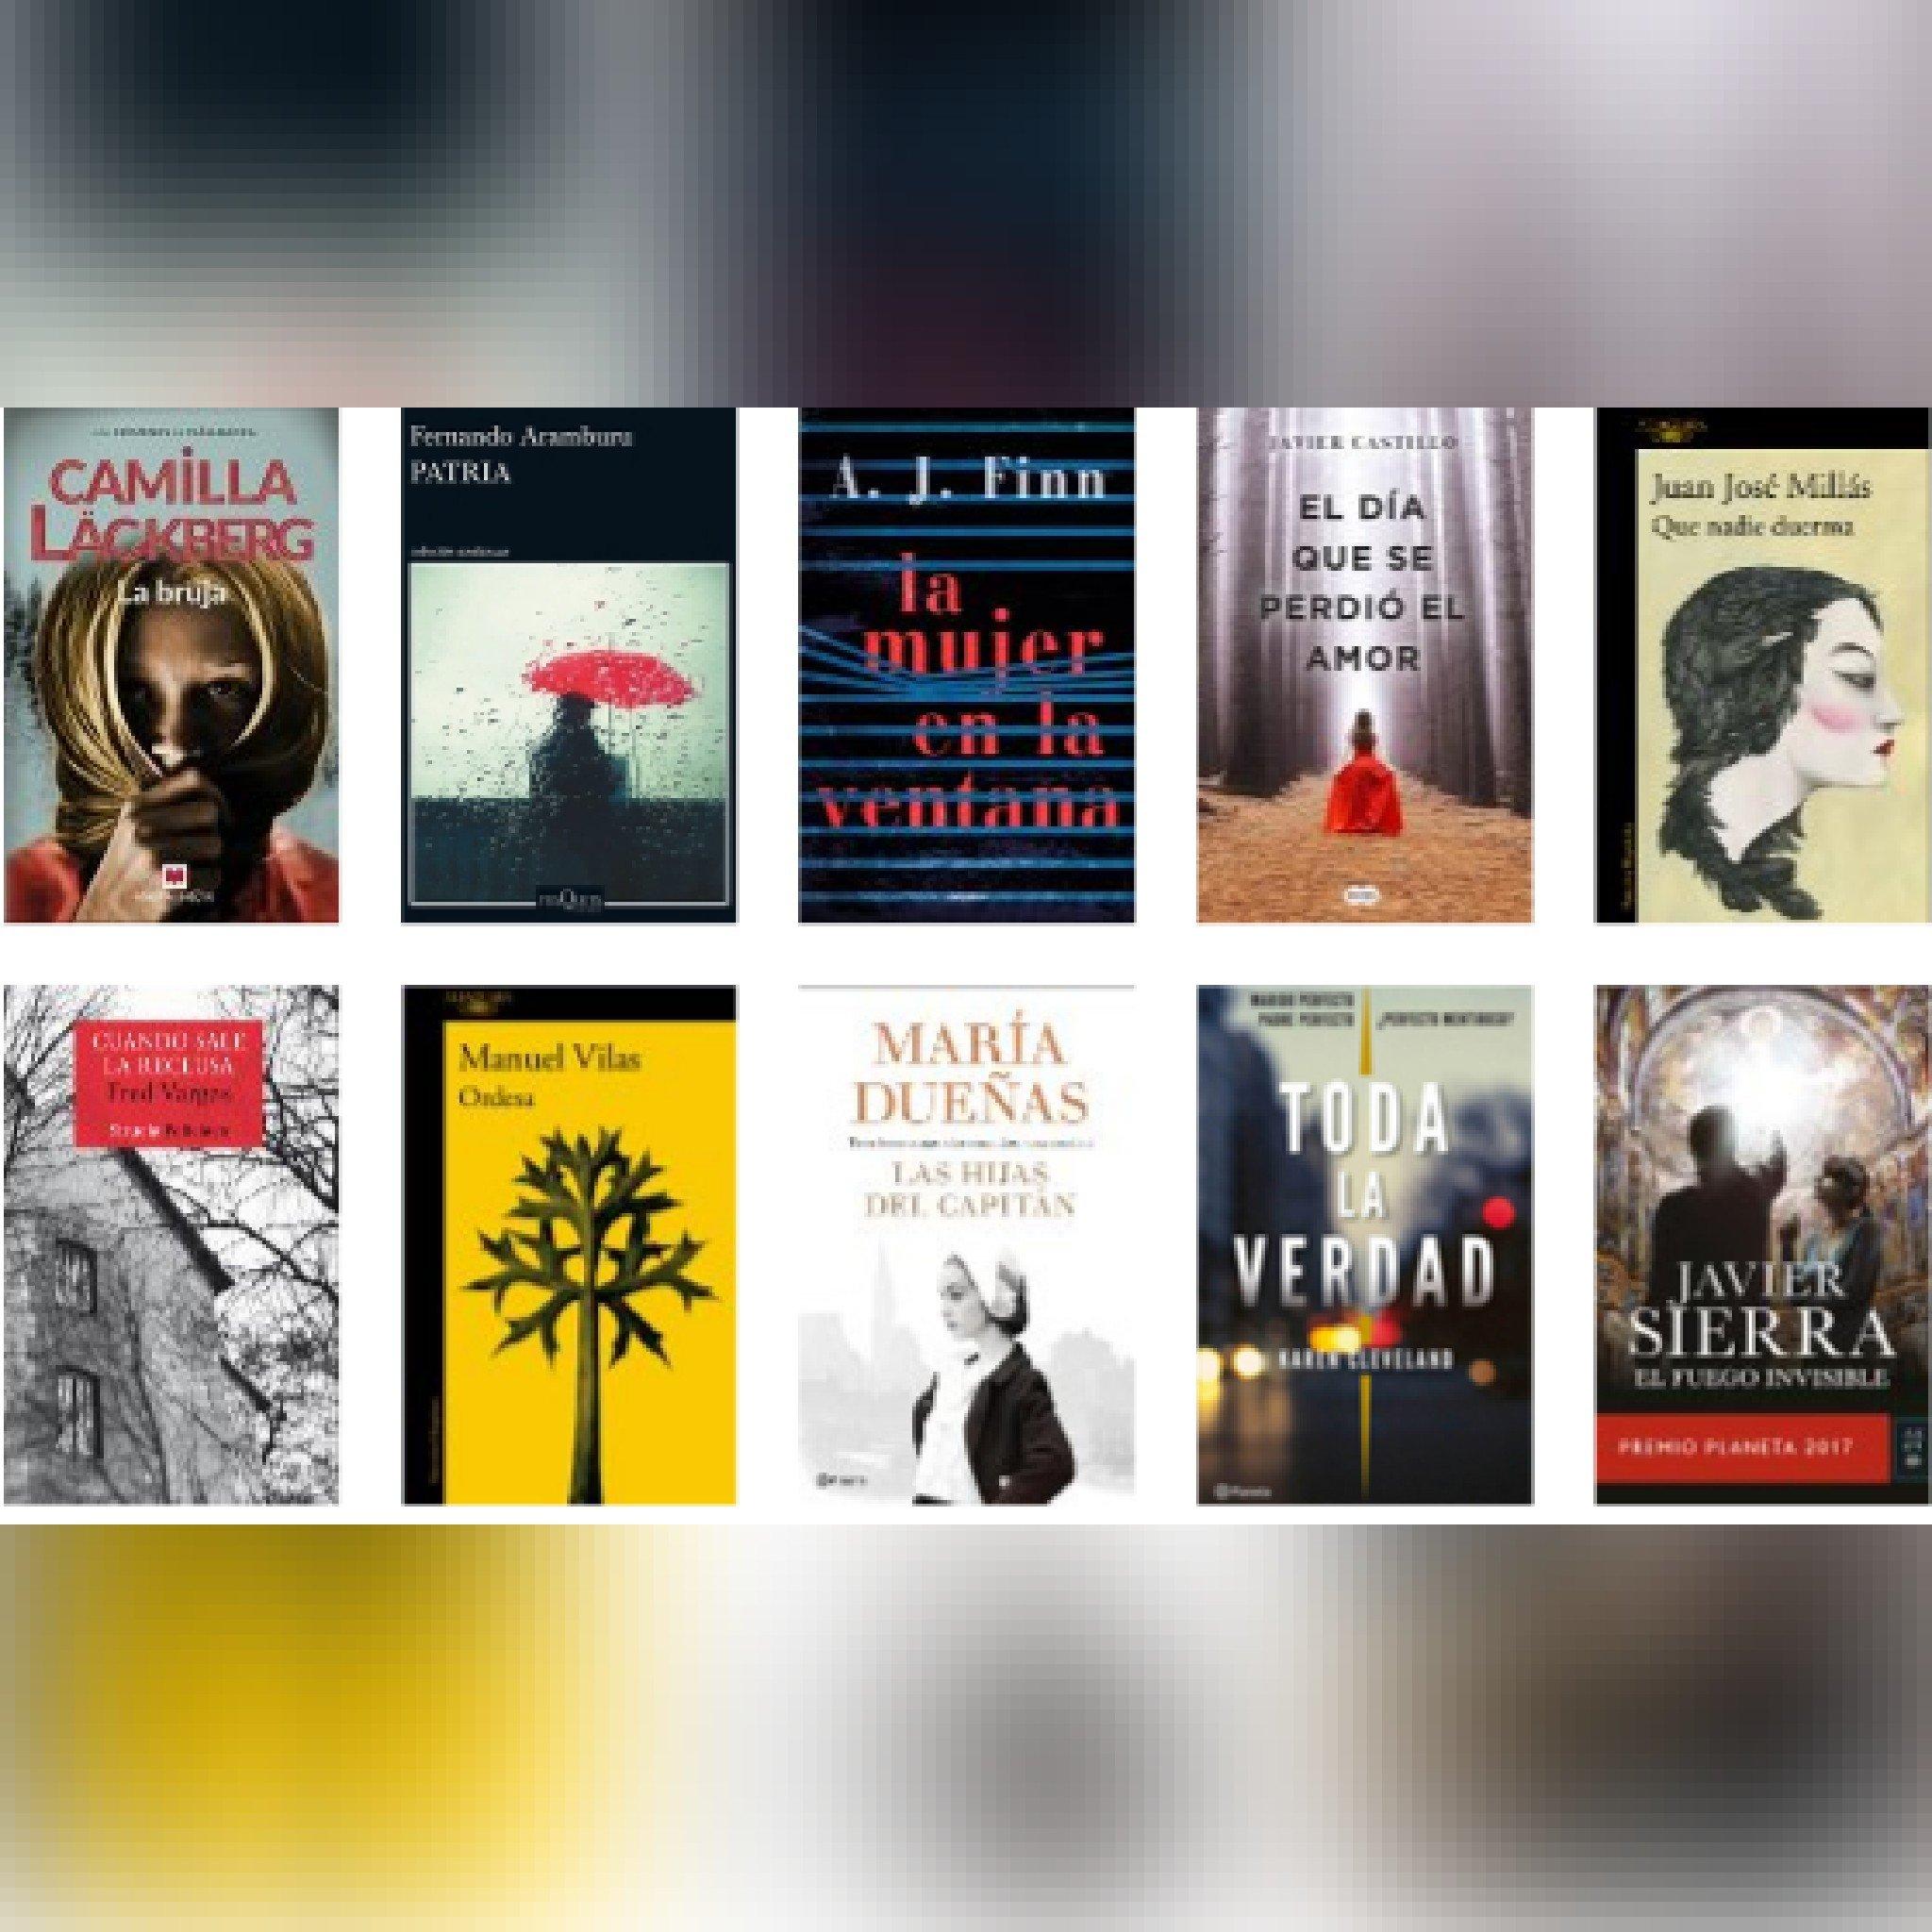 Lista libros ficción más vendidos del 9 al 15 de abril revista El Cultural